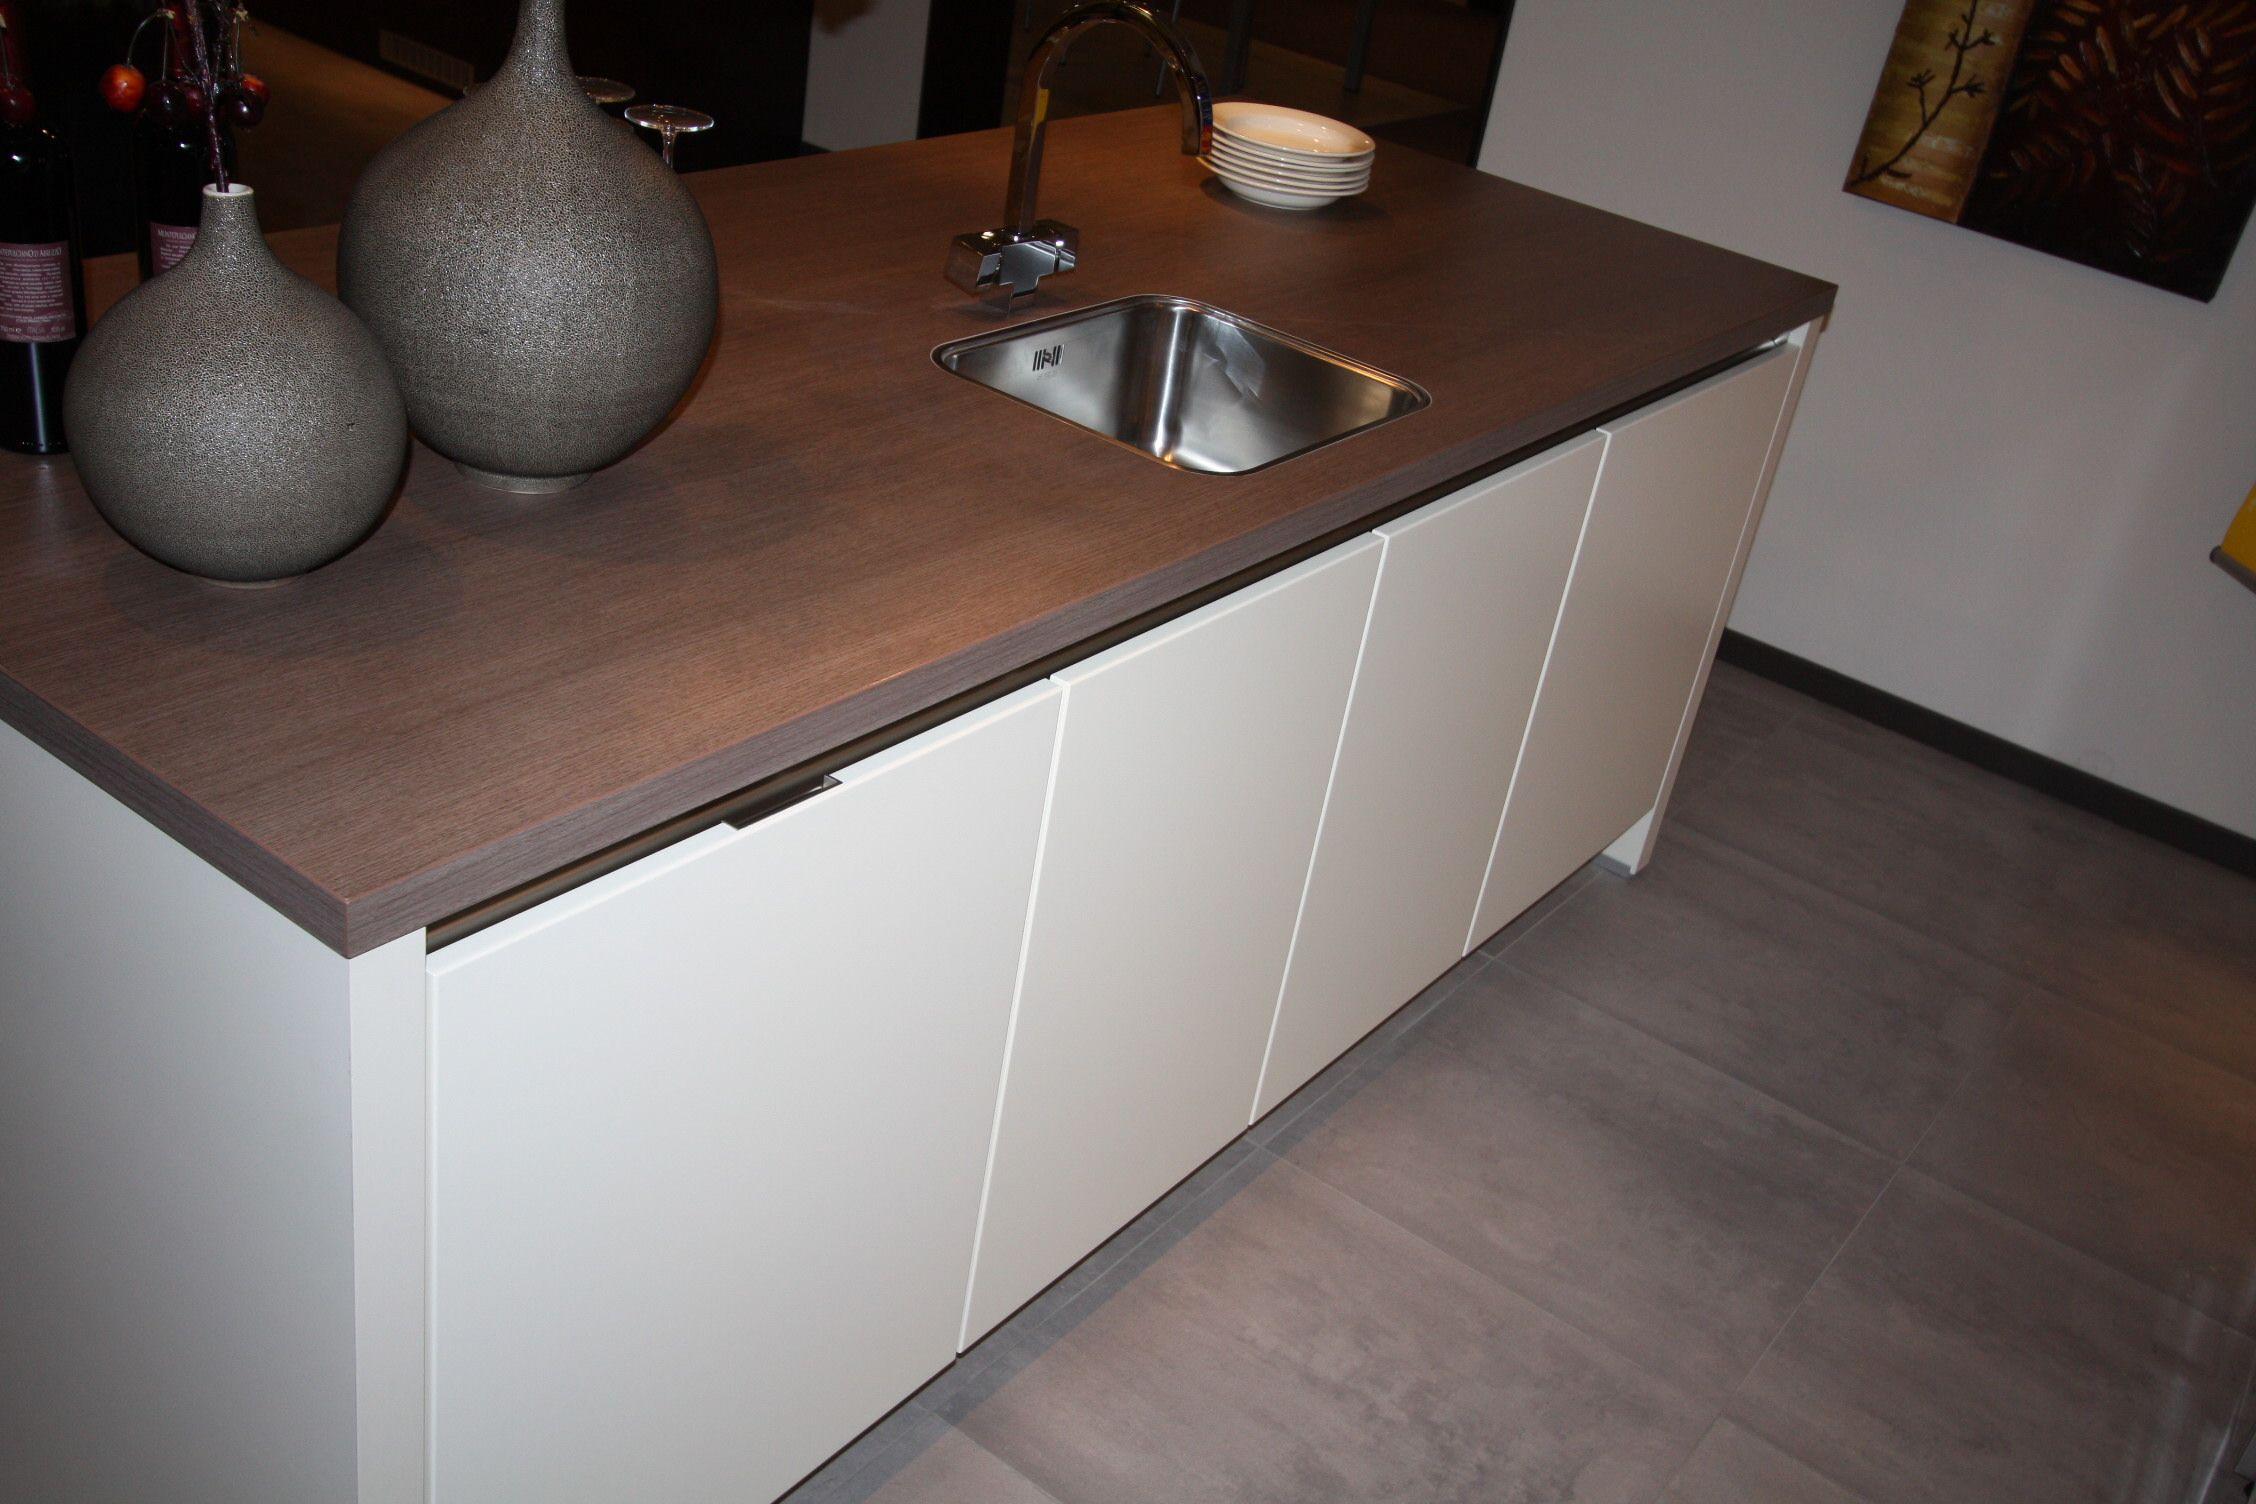 linea 21778 q linea keuken met mat gelakte fronten keuken is ...